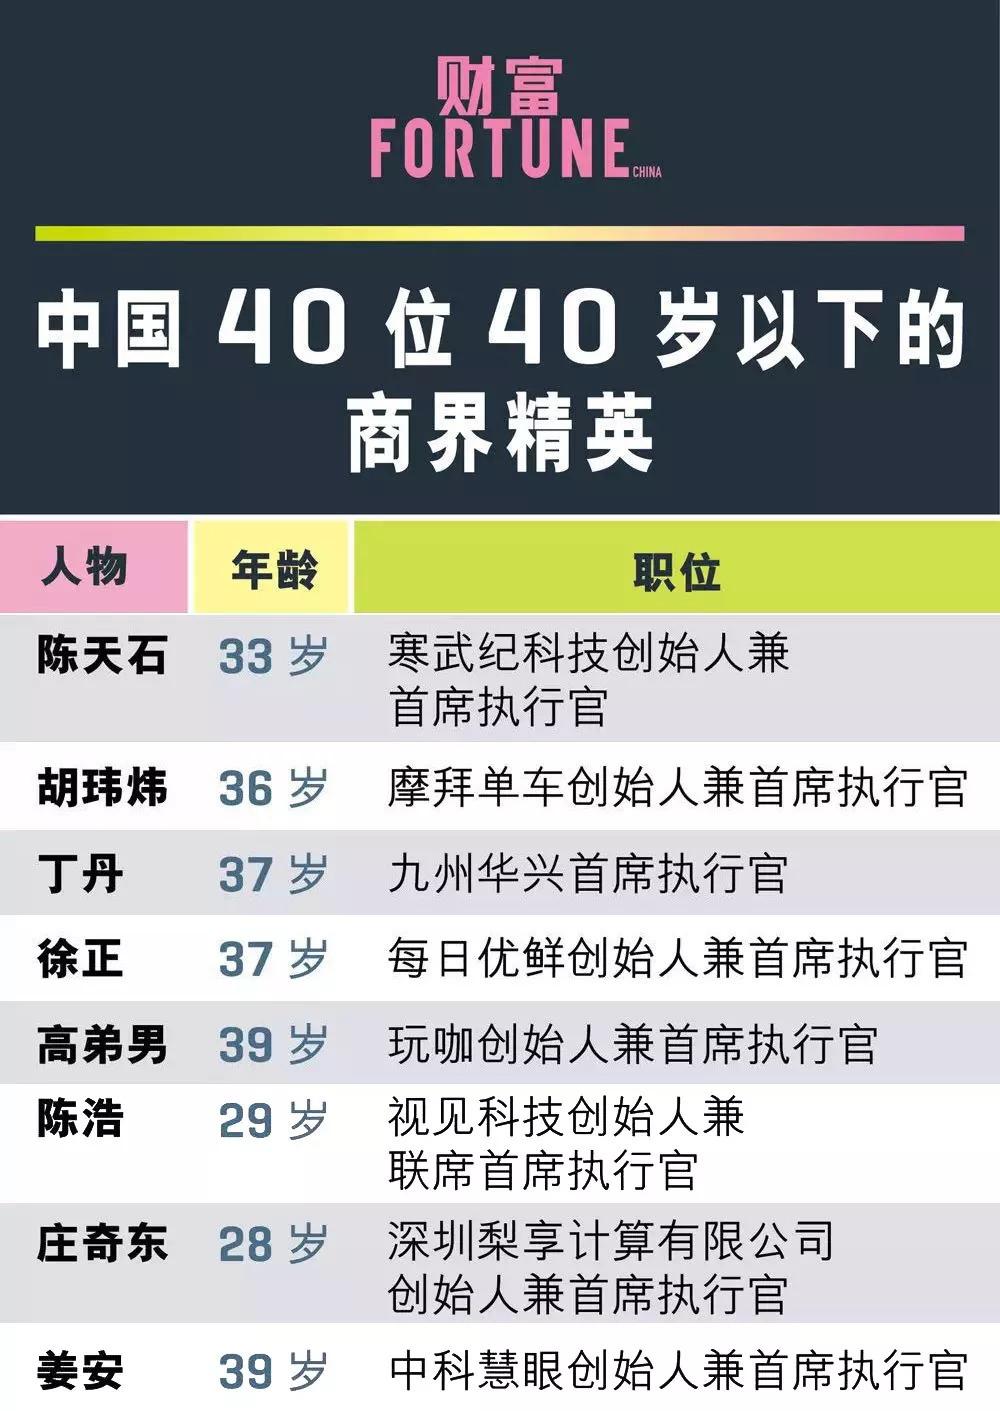 联想创投八家被投企业入选《财富》中国40岁以下商业精英榜